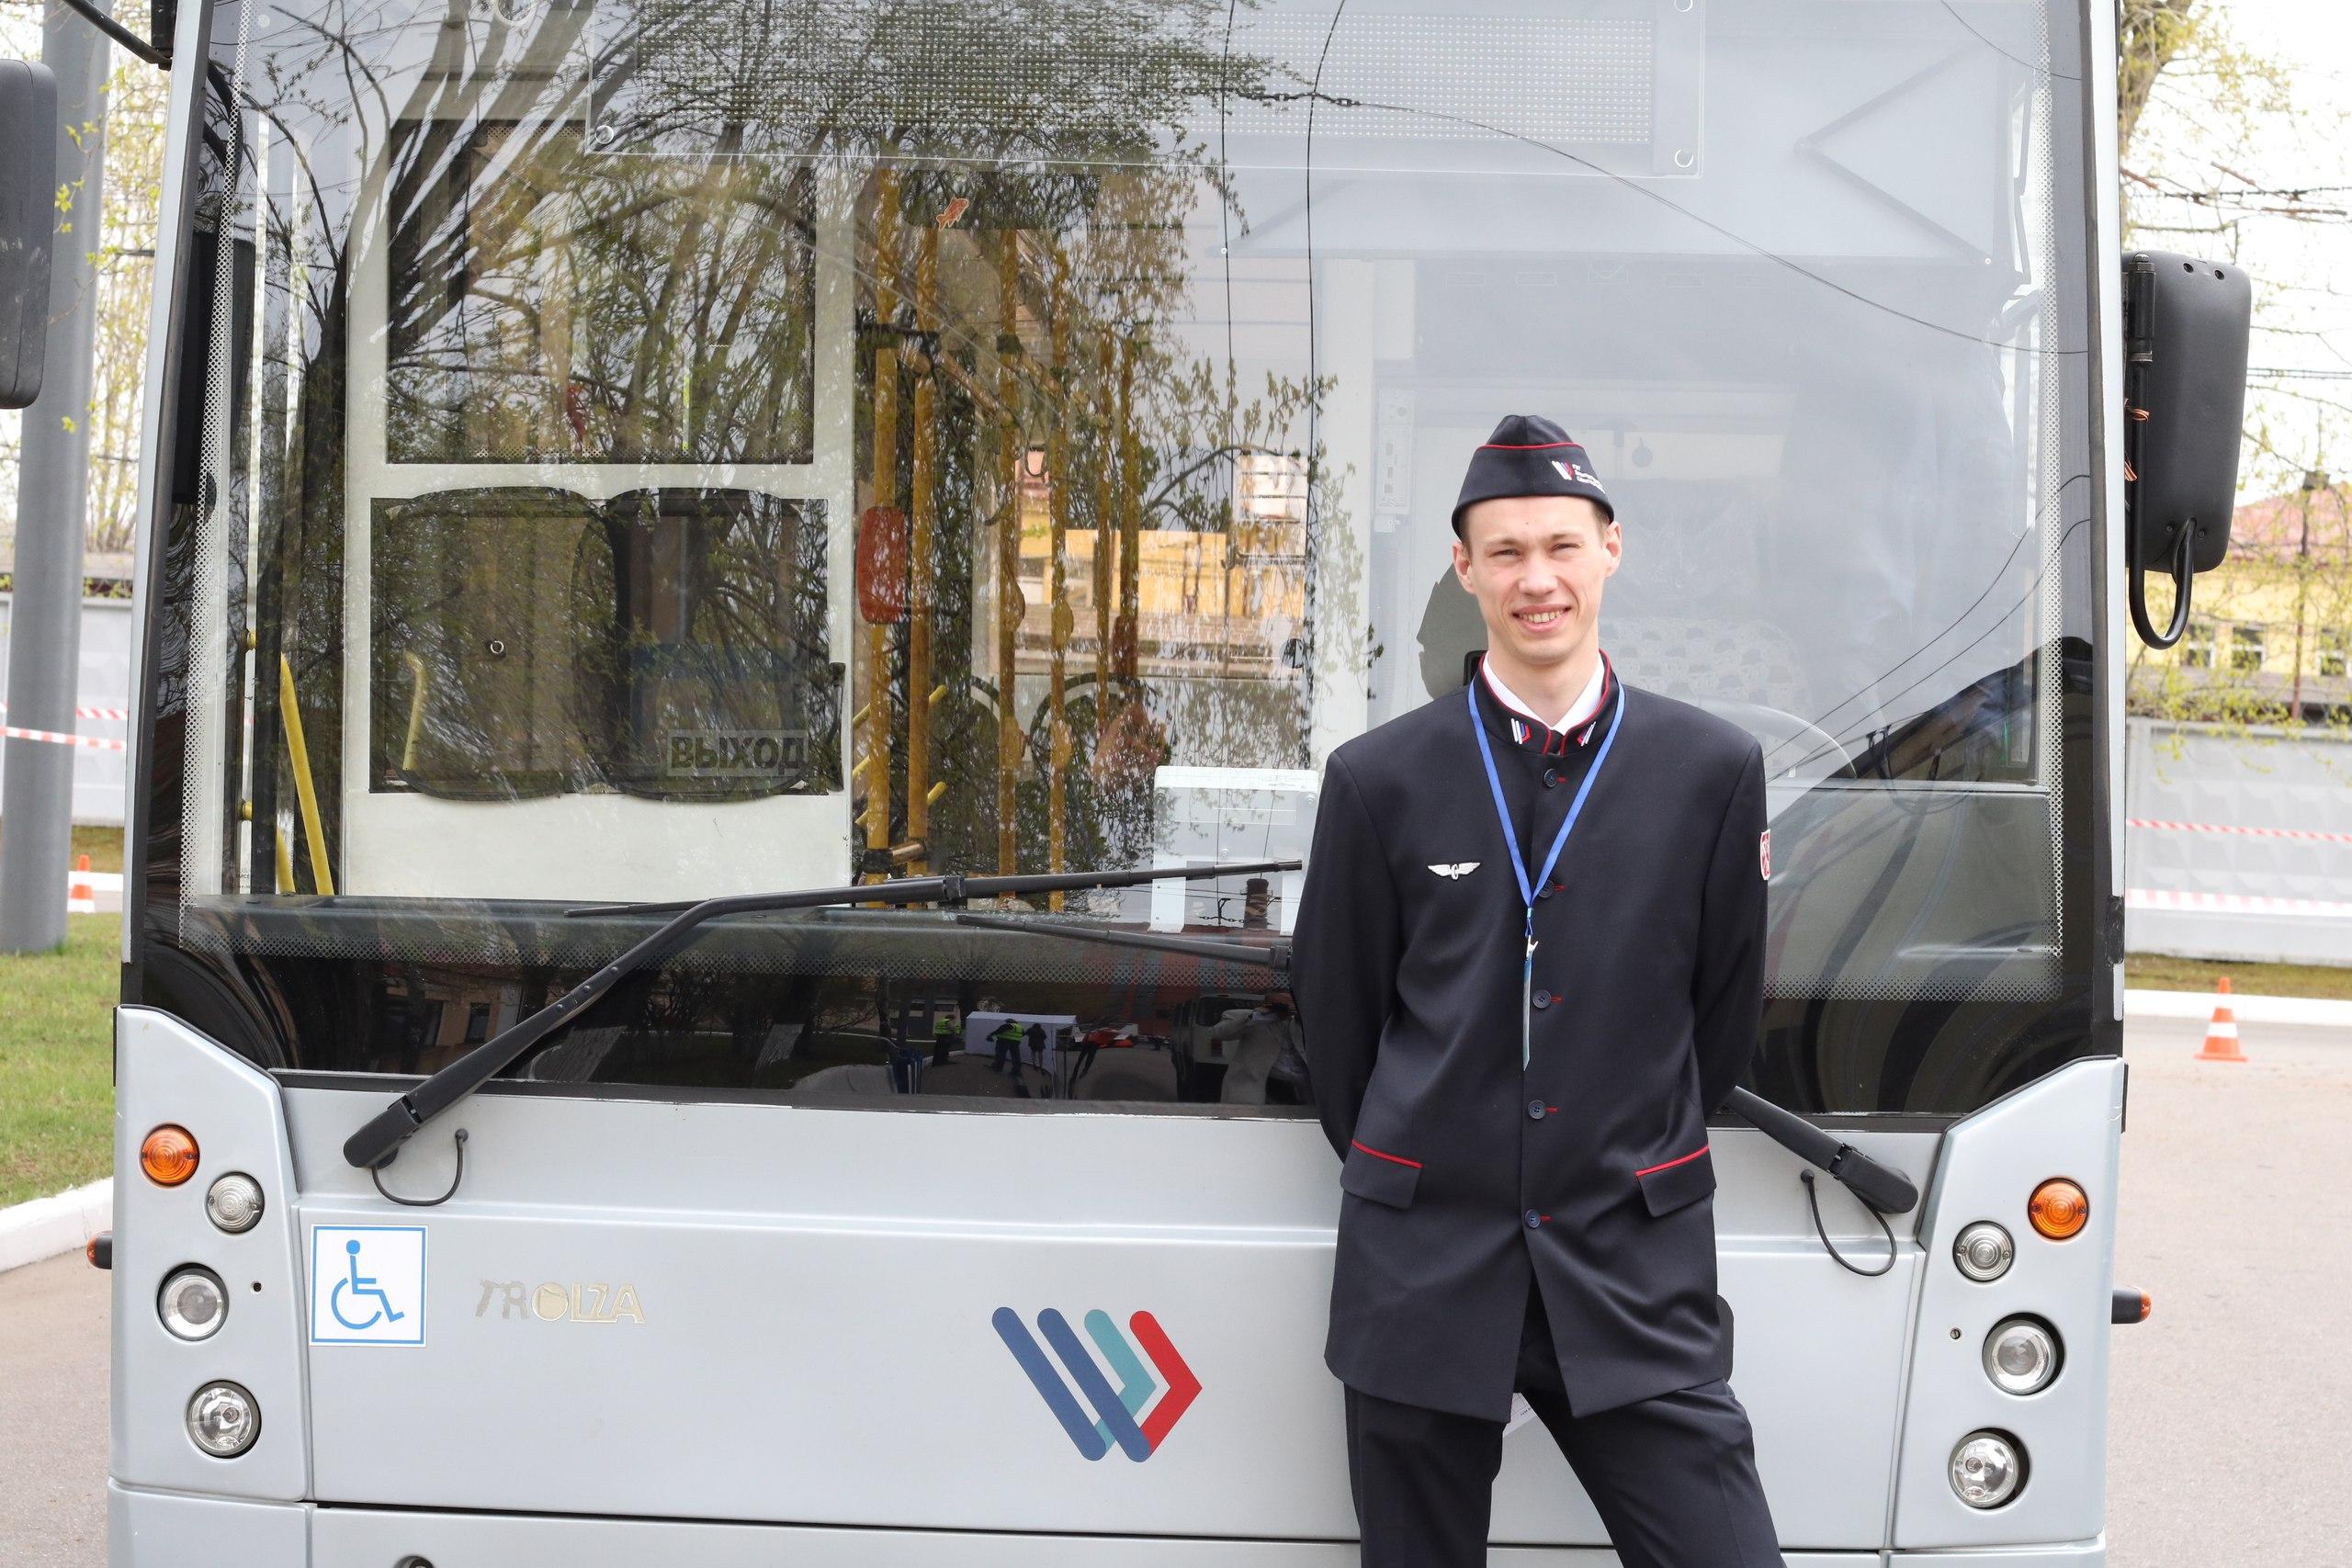 Лучшим водителем троллейбуса-2017 стал 24-летний Василий Трофимов